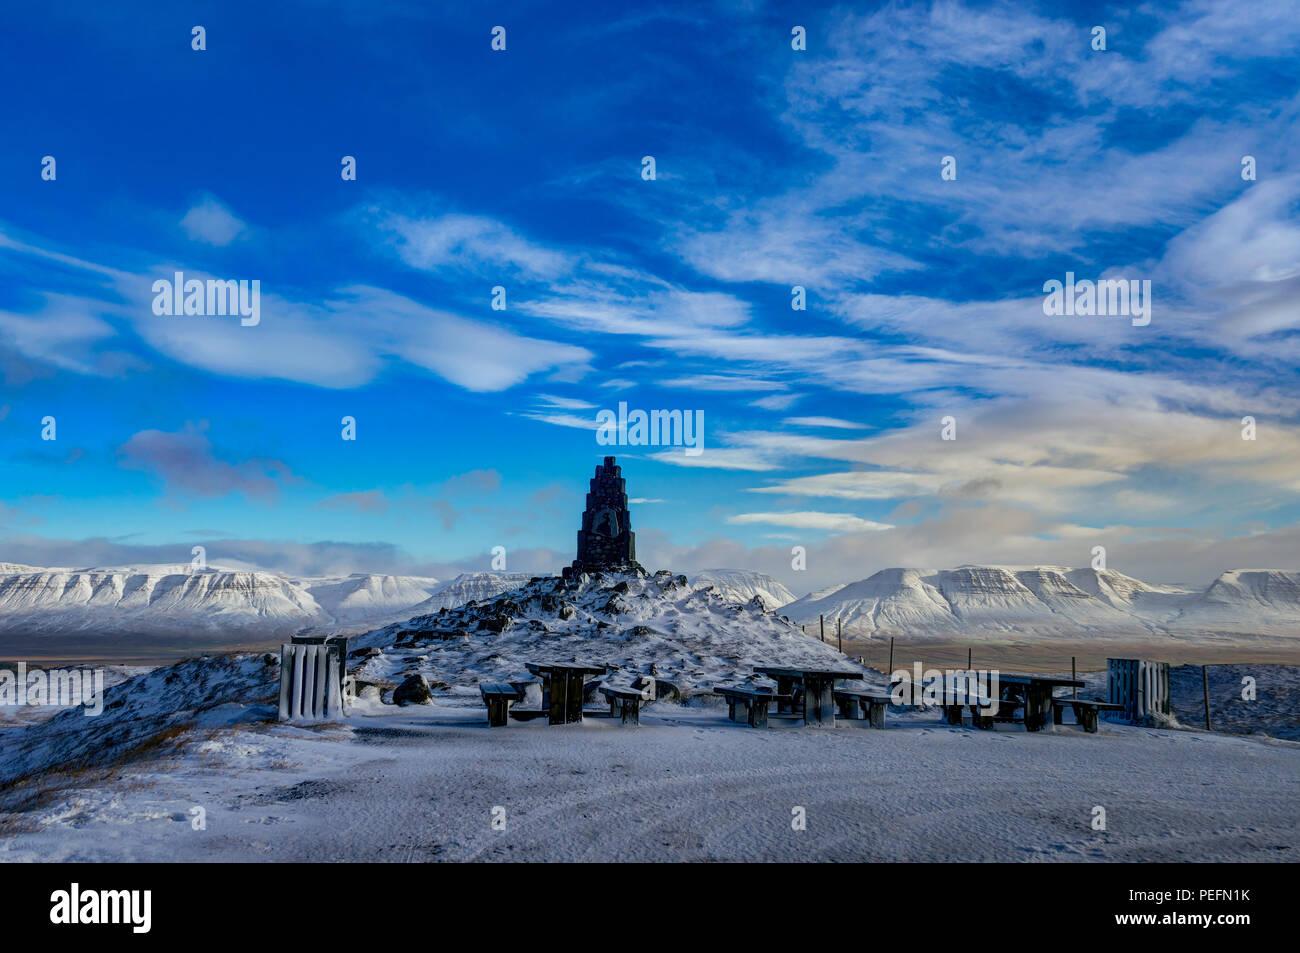 Navidad invernal paisaje con árboles y montañas. Paisaje de Navidad en una mañana soleada con cielo azul y las nubes y la nieve fresca. Foto tomada en la CI Imagen De Stock